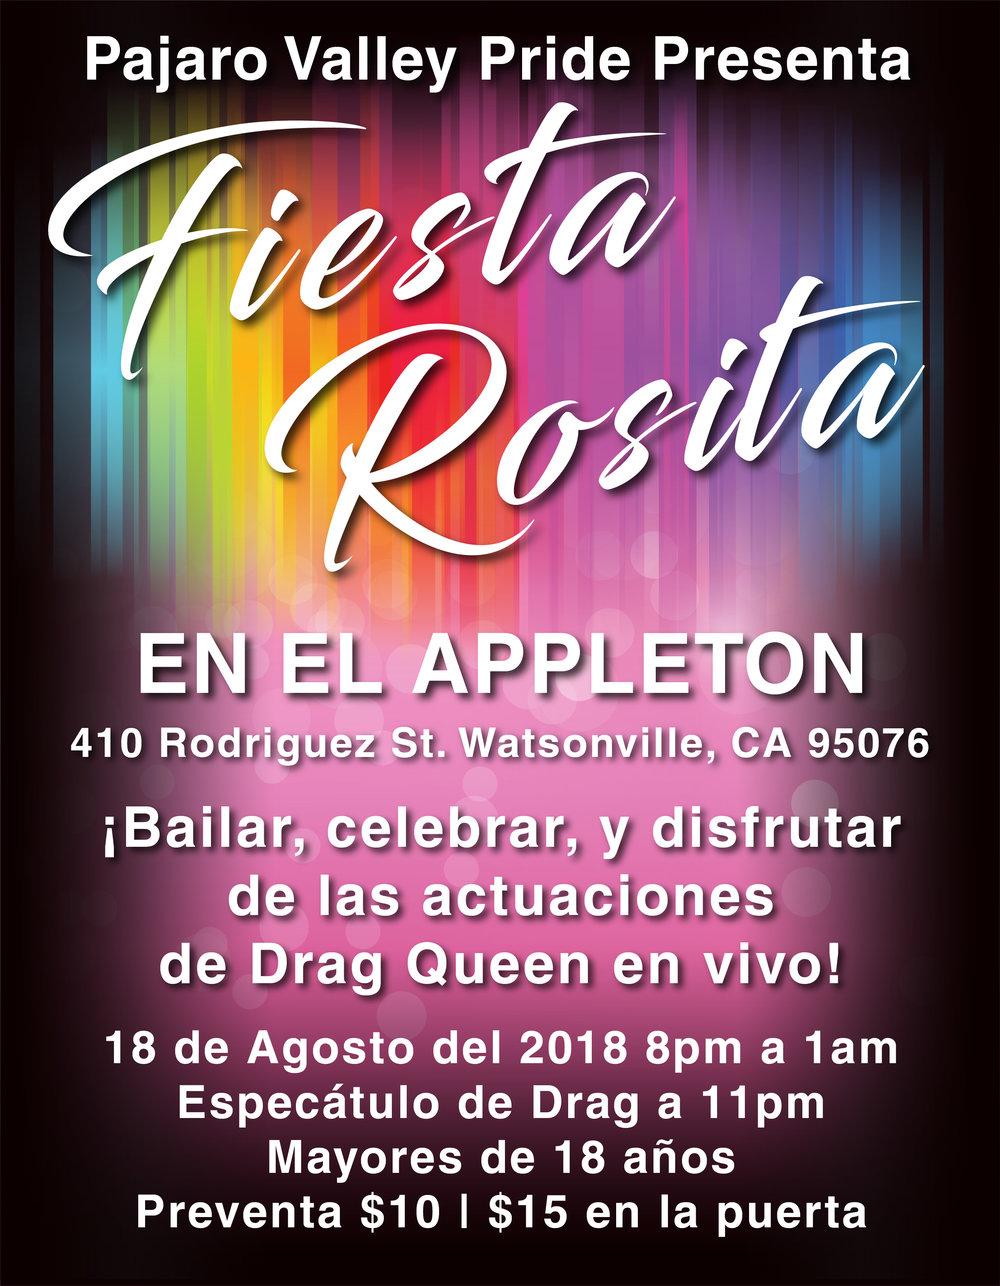 Fiesta Rosita.jpg